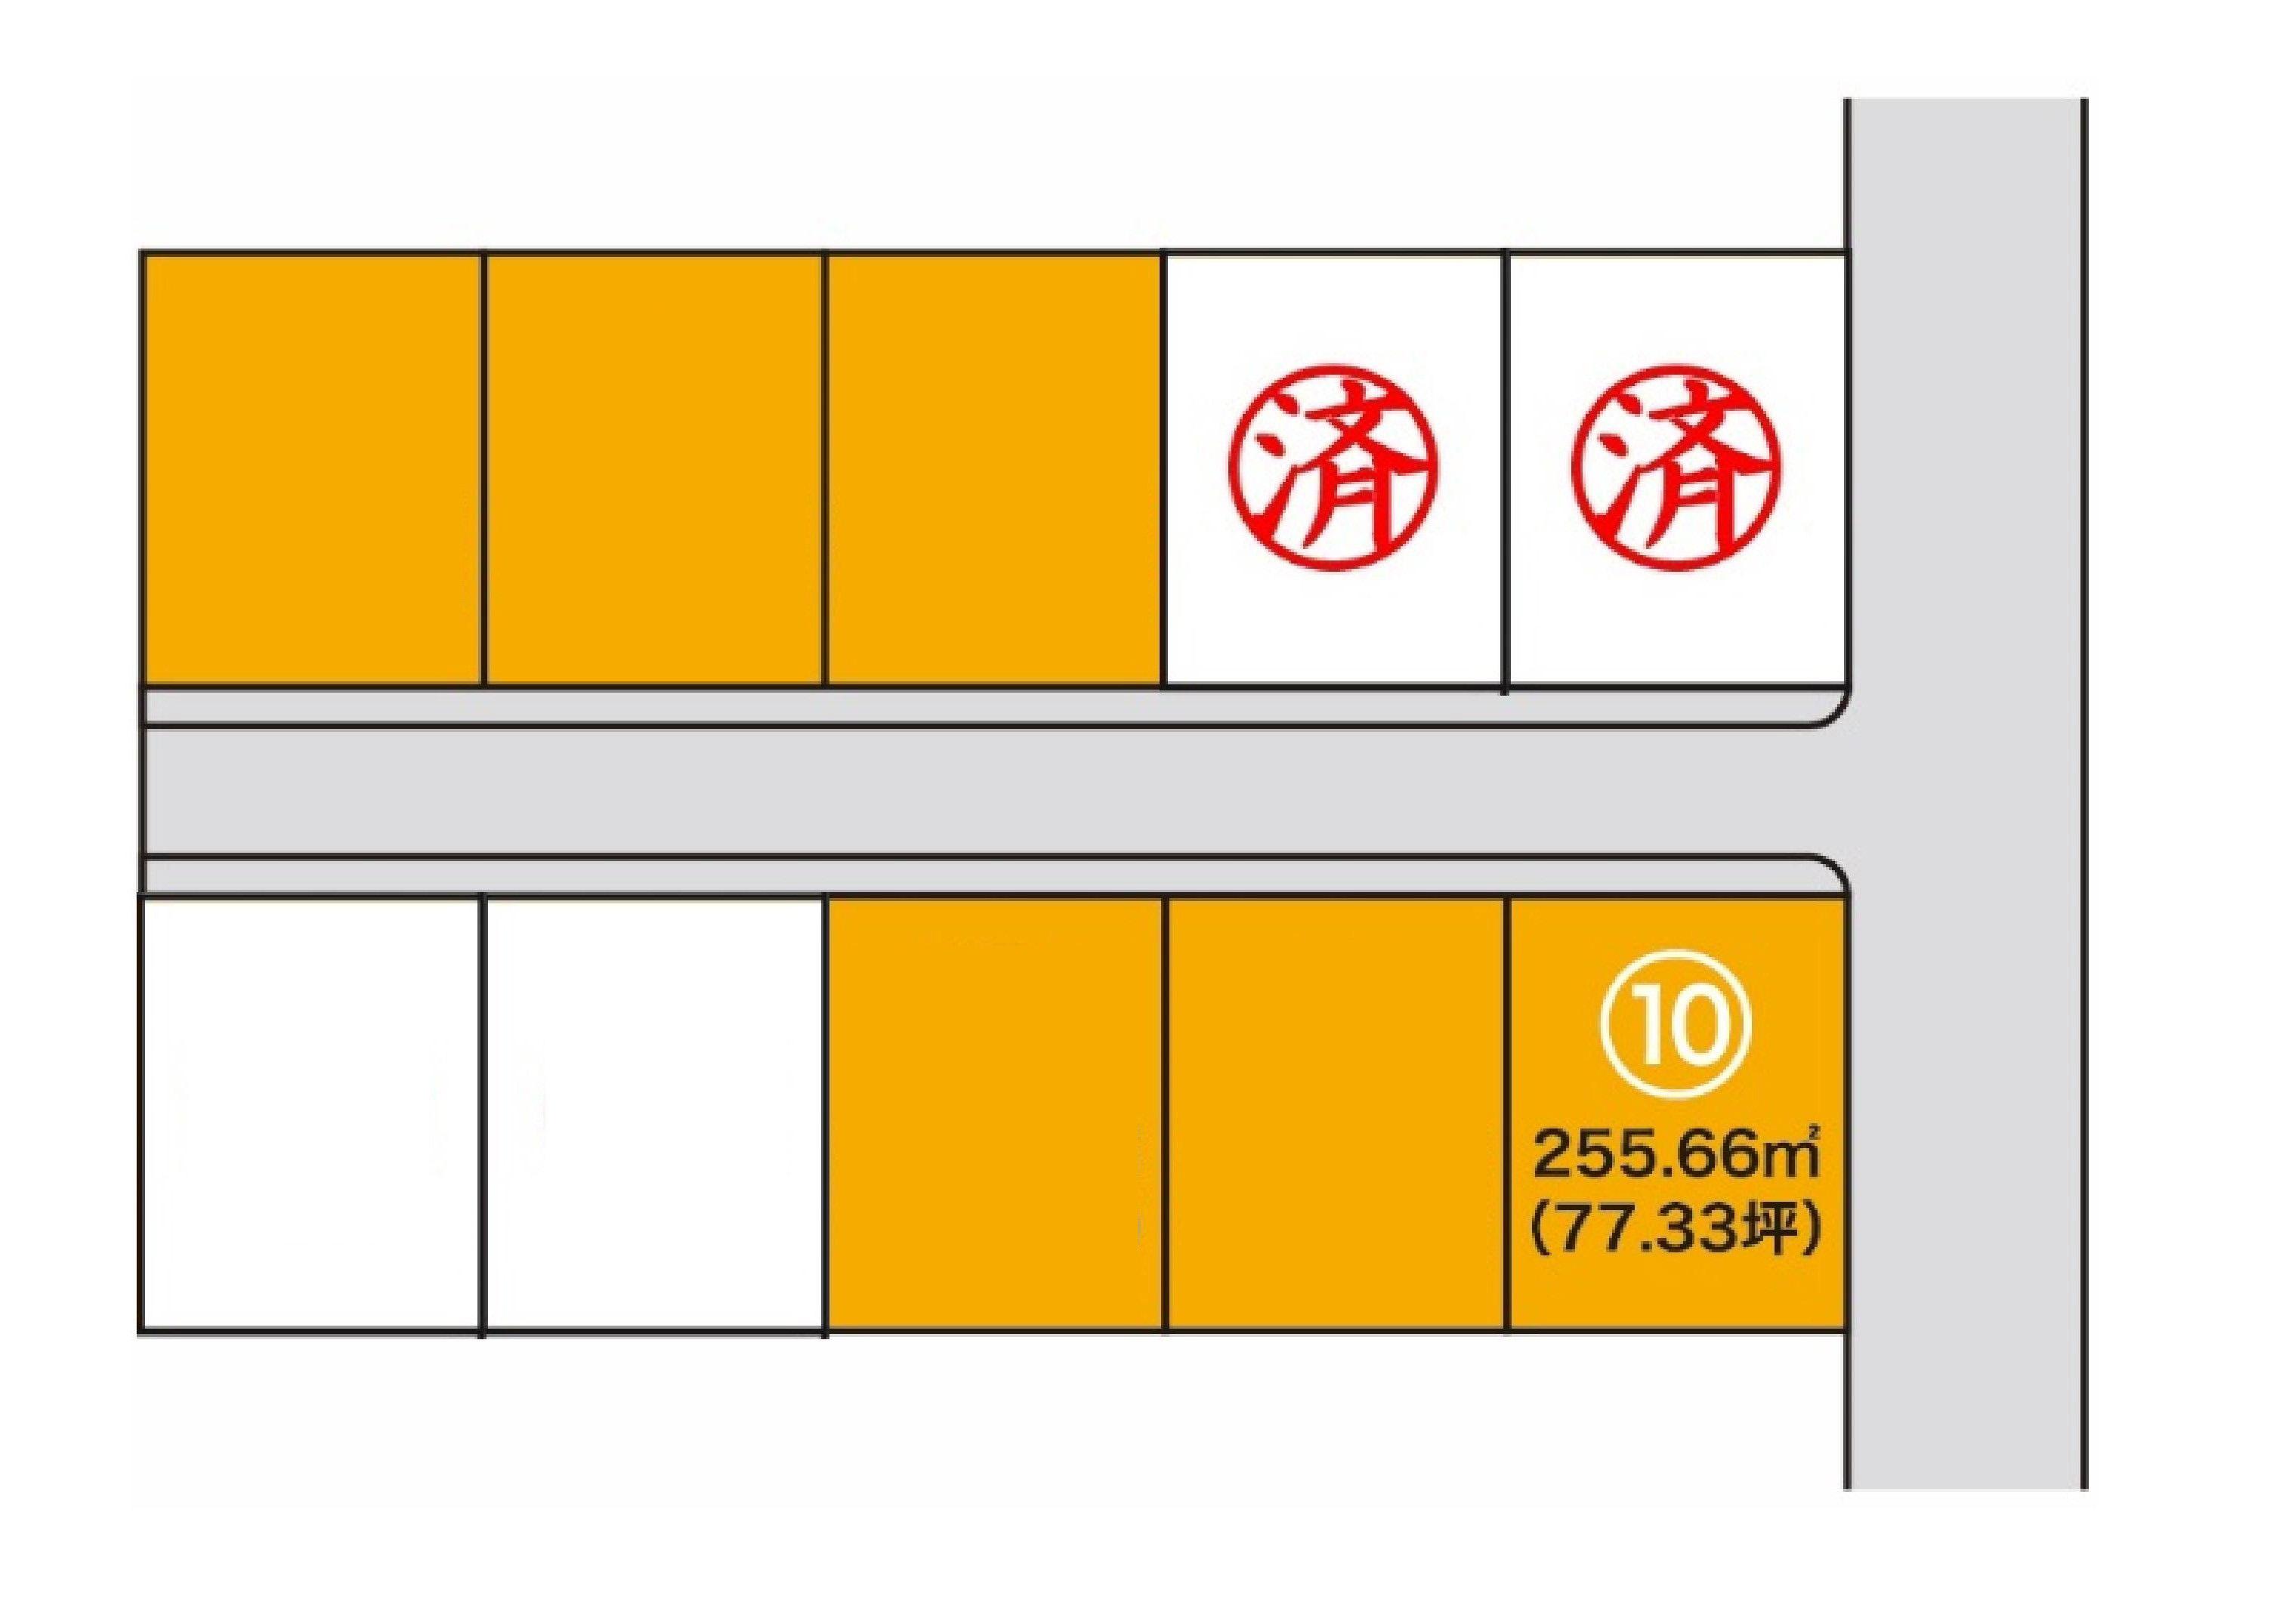 【分譲地】胆沢郡金ケ崎町西根 分譲地⑩・アイキャッチ画像